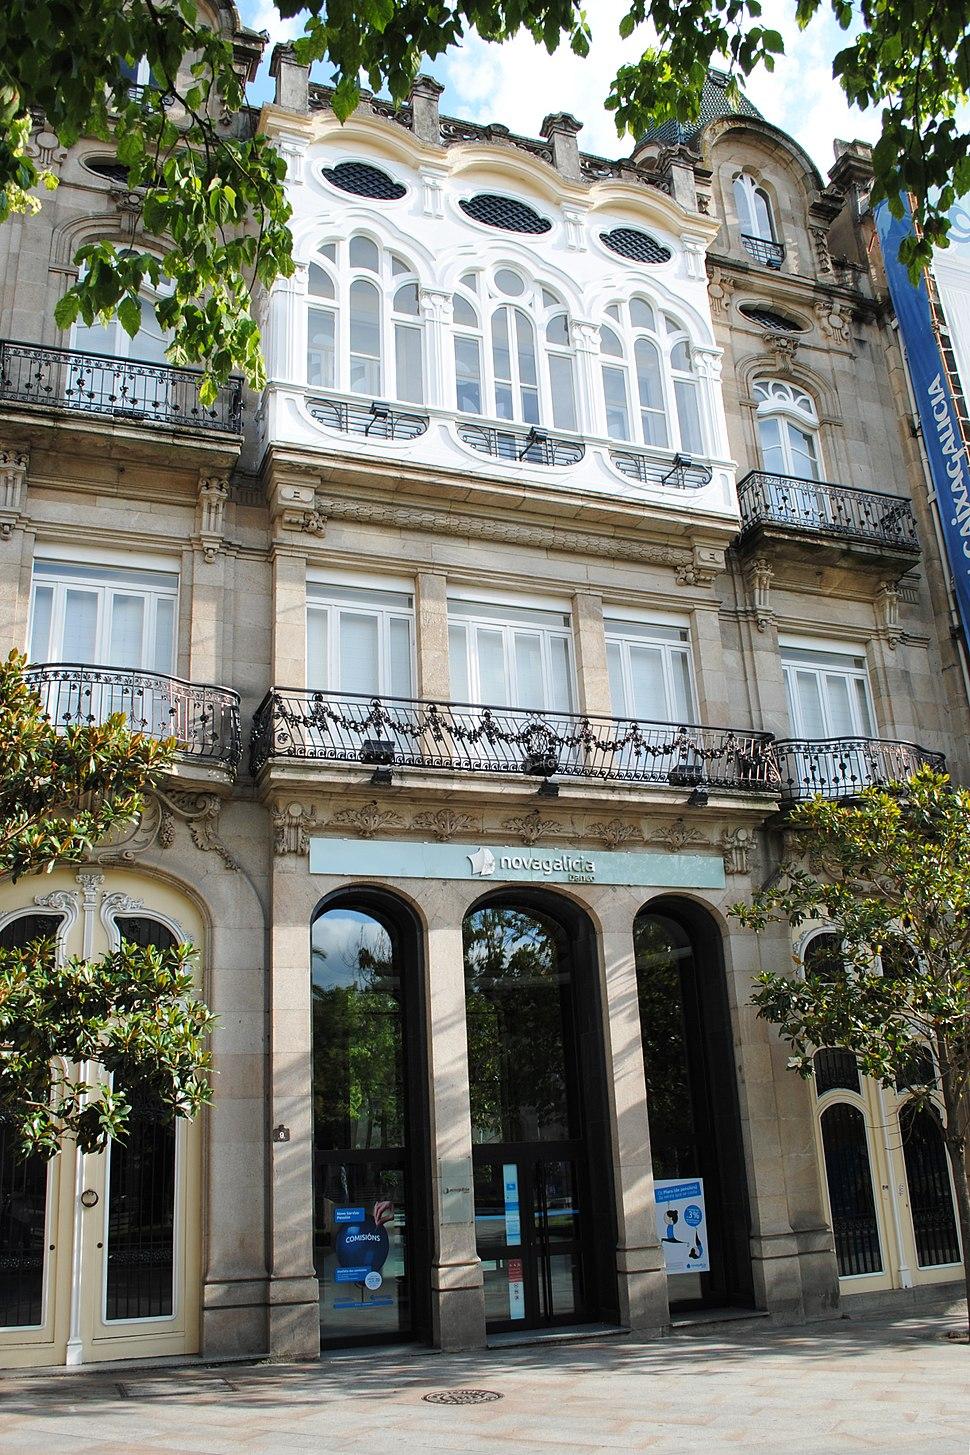 Ourense, novagalicia banco